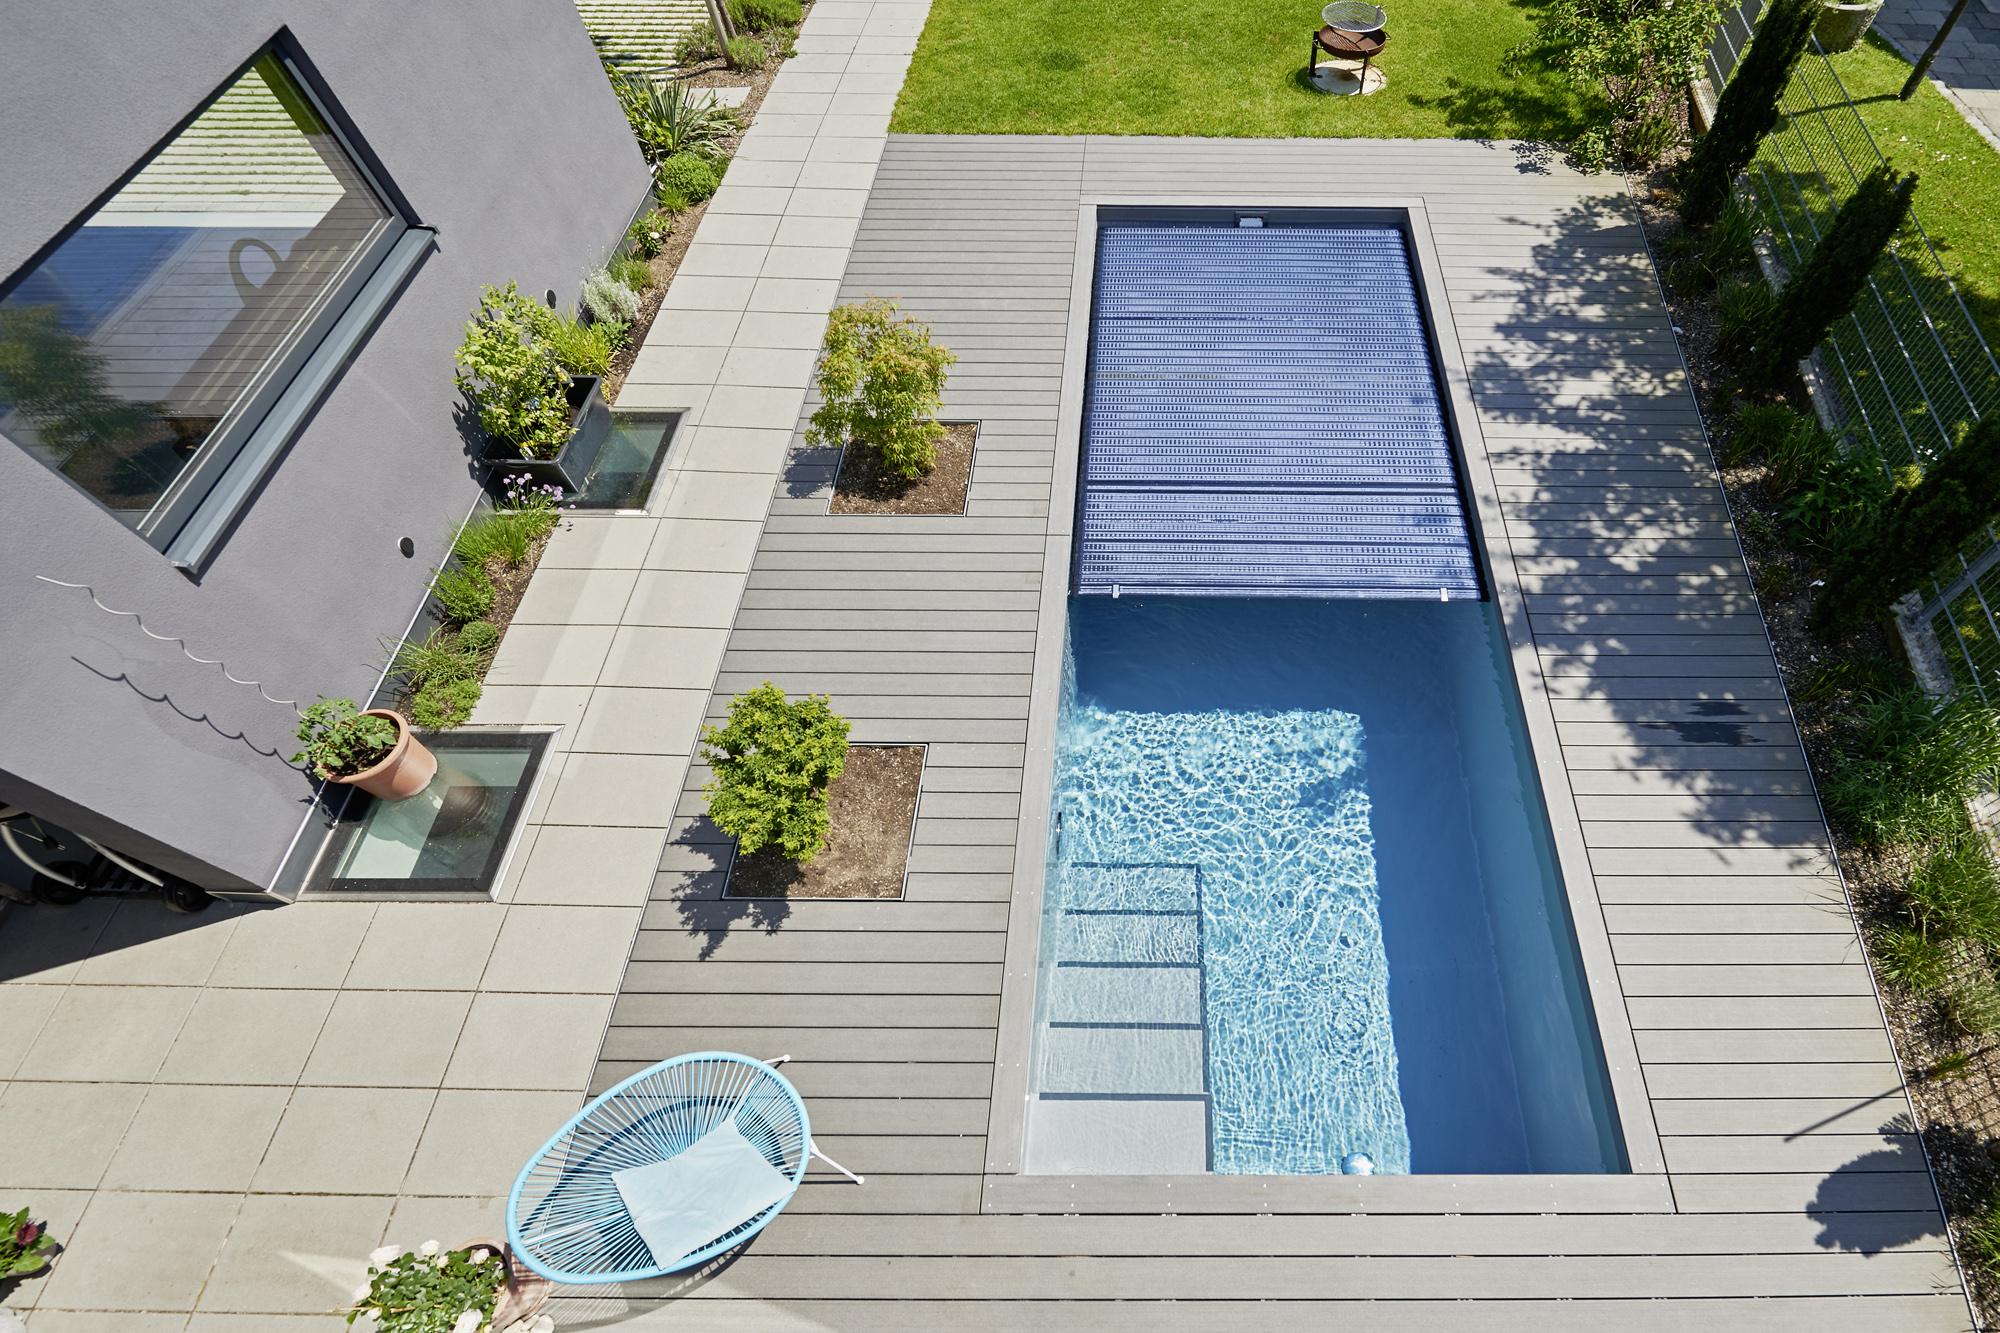 Zum Beispiel eine schwarze Solar Abdeckung im System Schwimmbecken